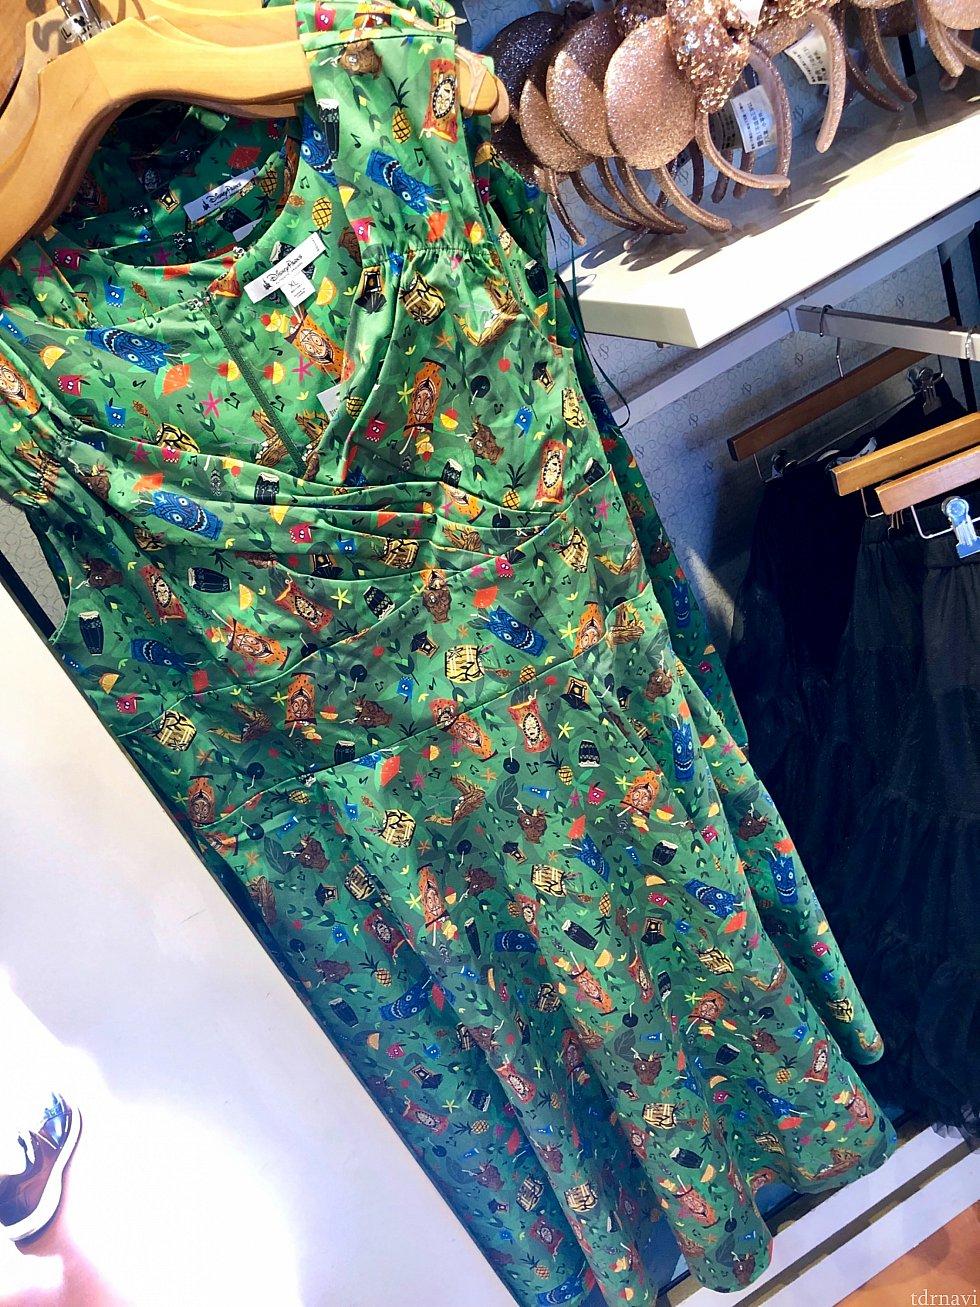 こちらはチキルームかと思いましたが、もしかしたら、トレーダーサムズバーのドレスかもしれません。